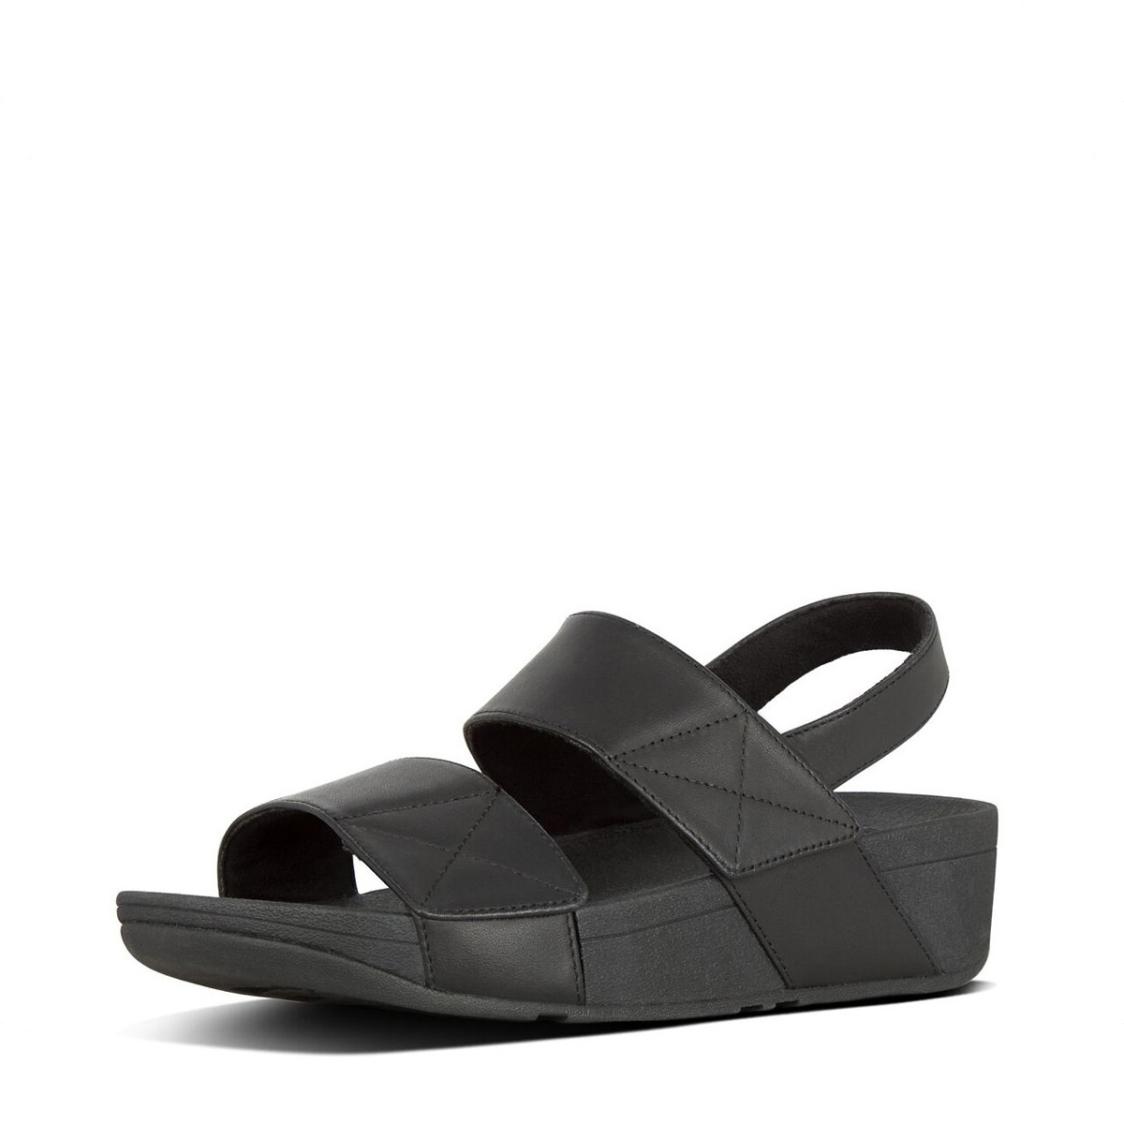 Fitflop Mina Back Strap Sandals Black